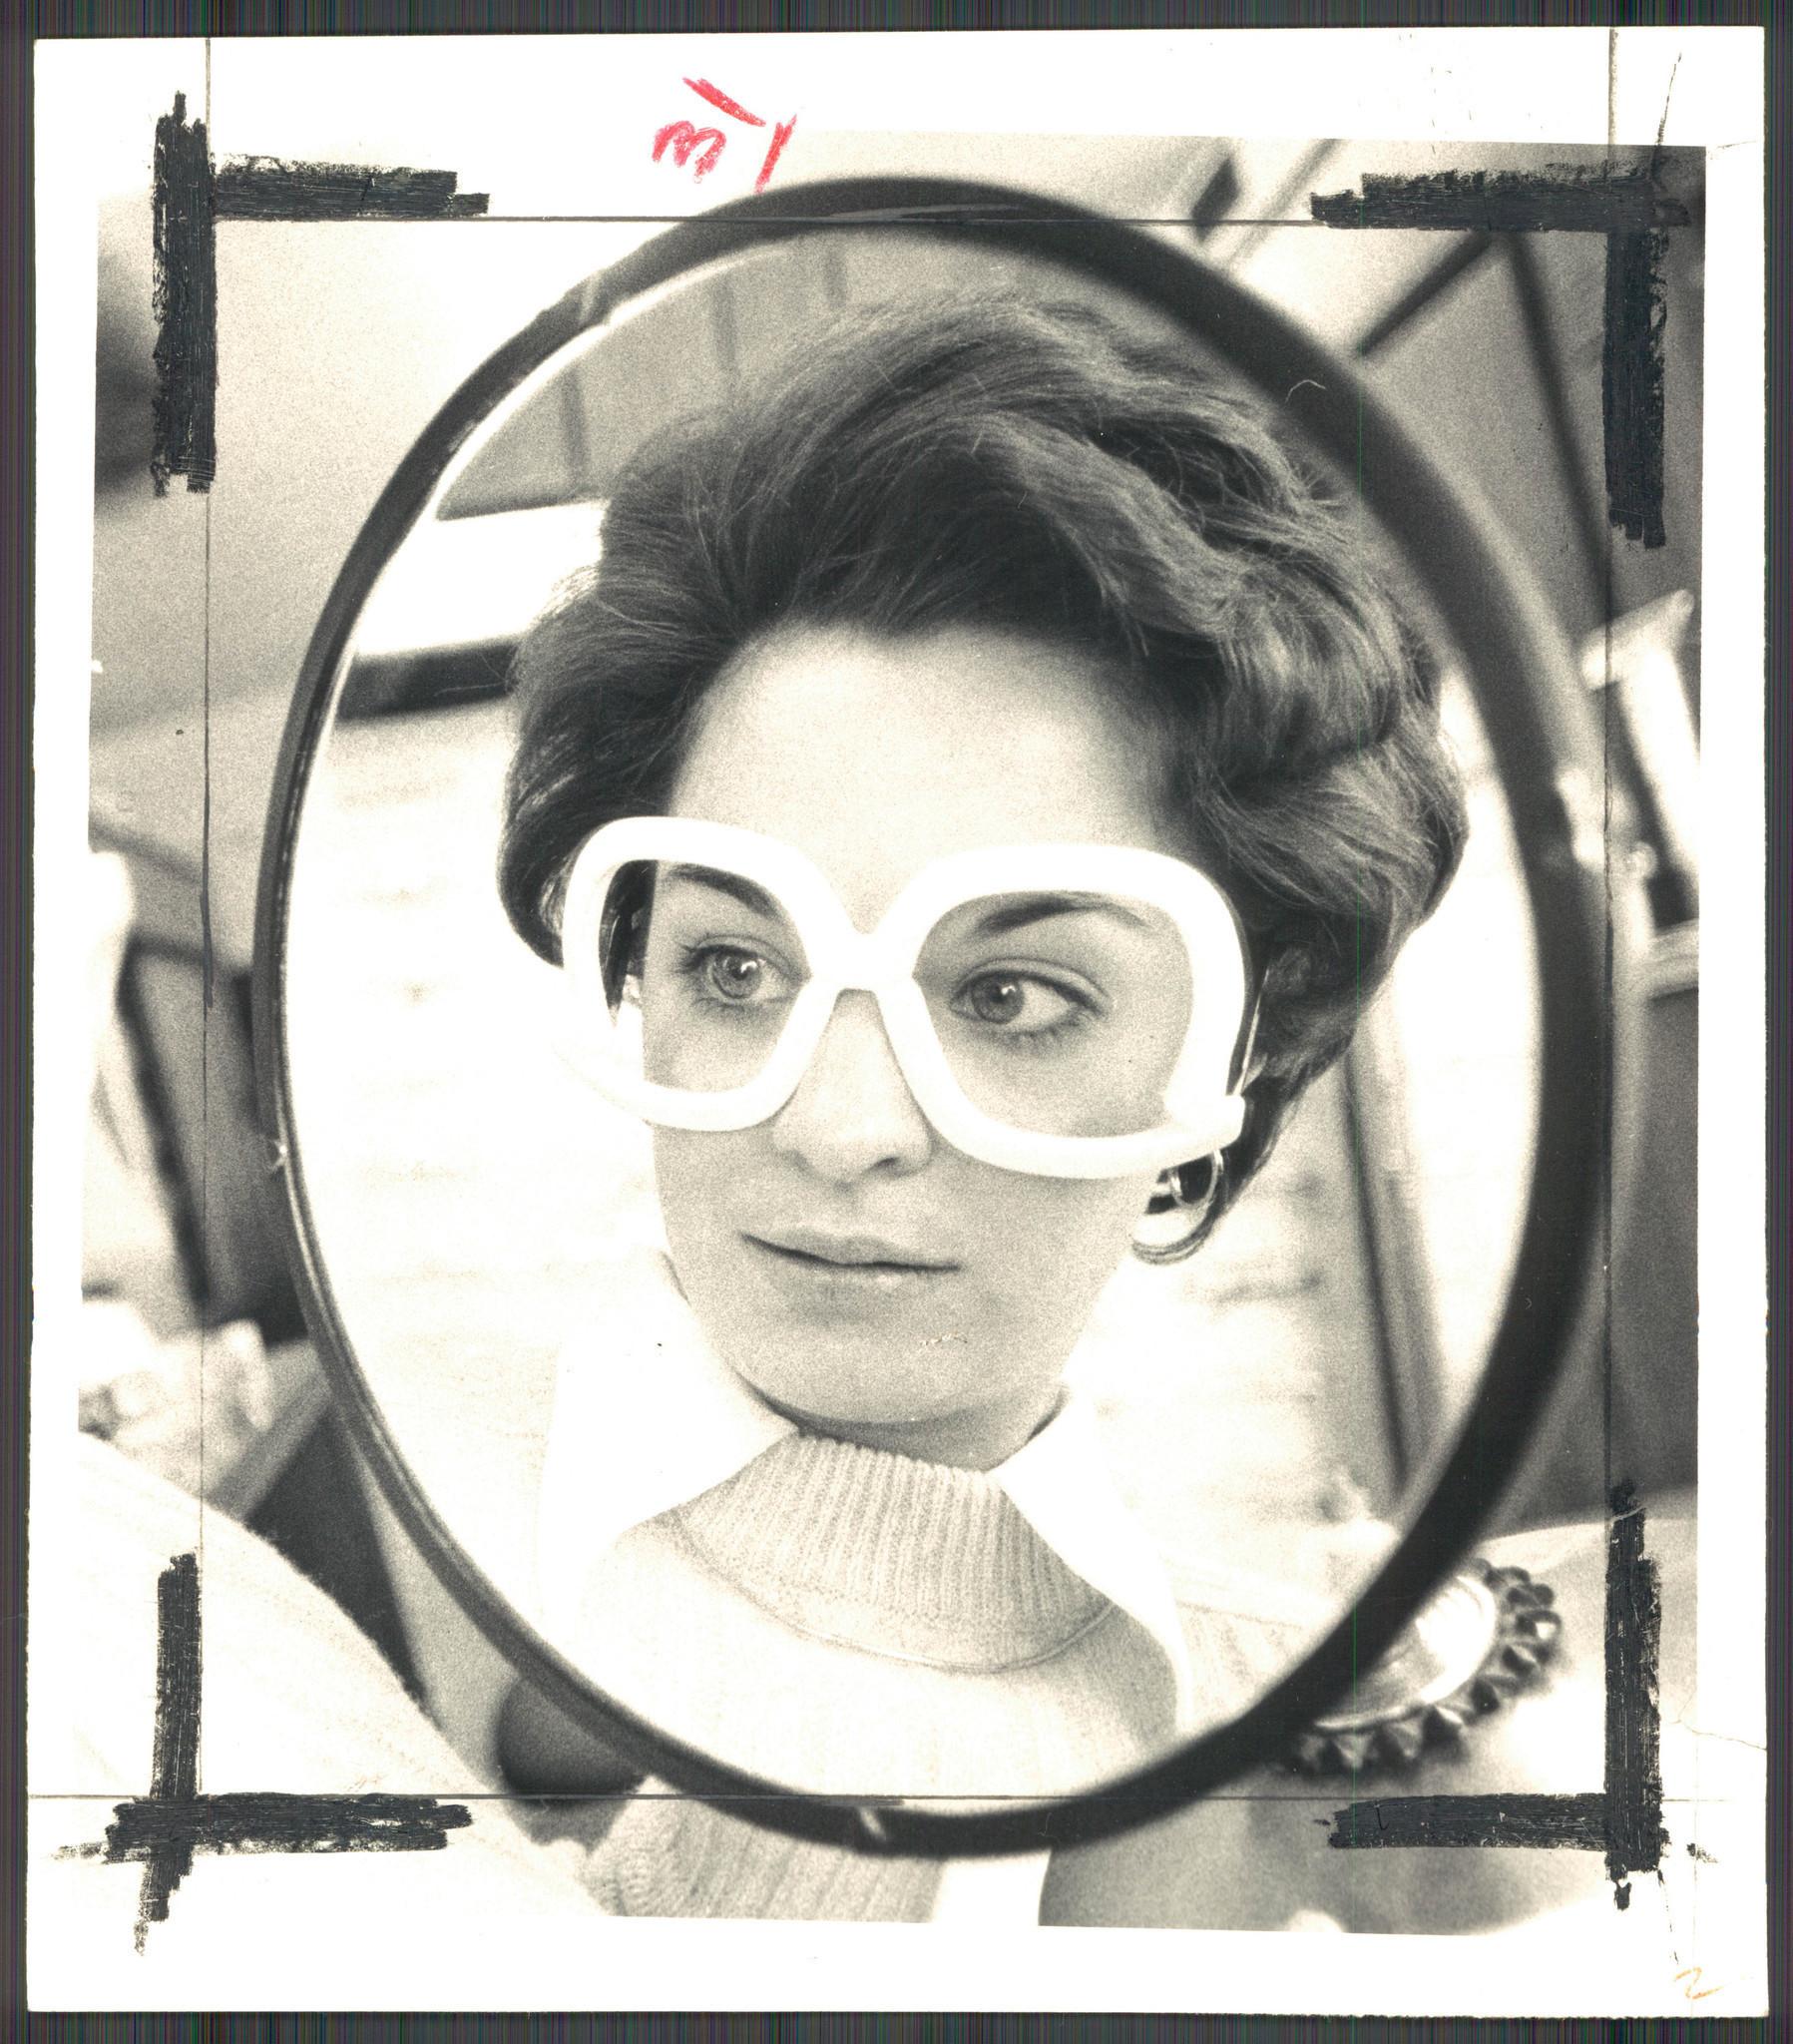 Retro eyeglasses - Baltimore Sun